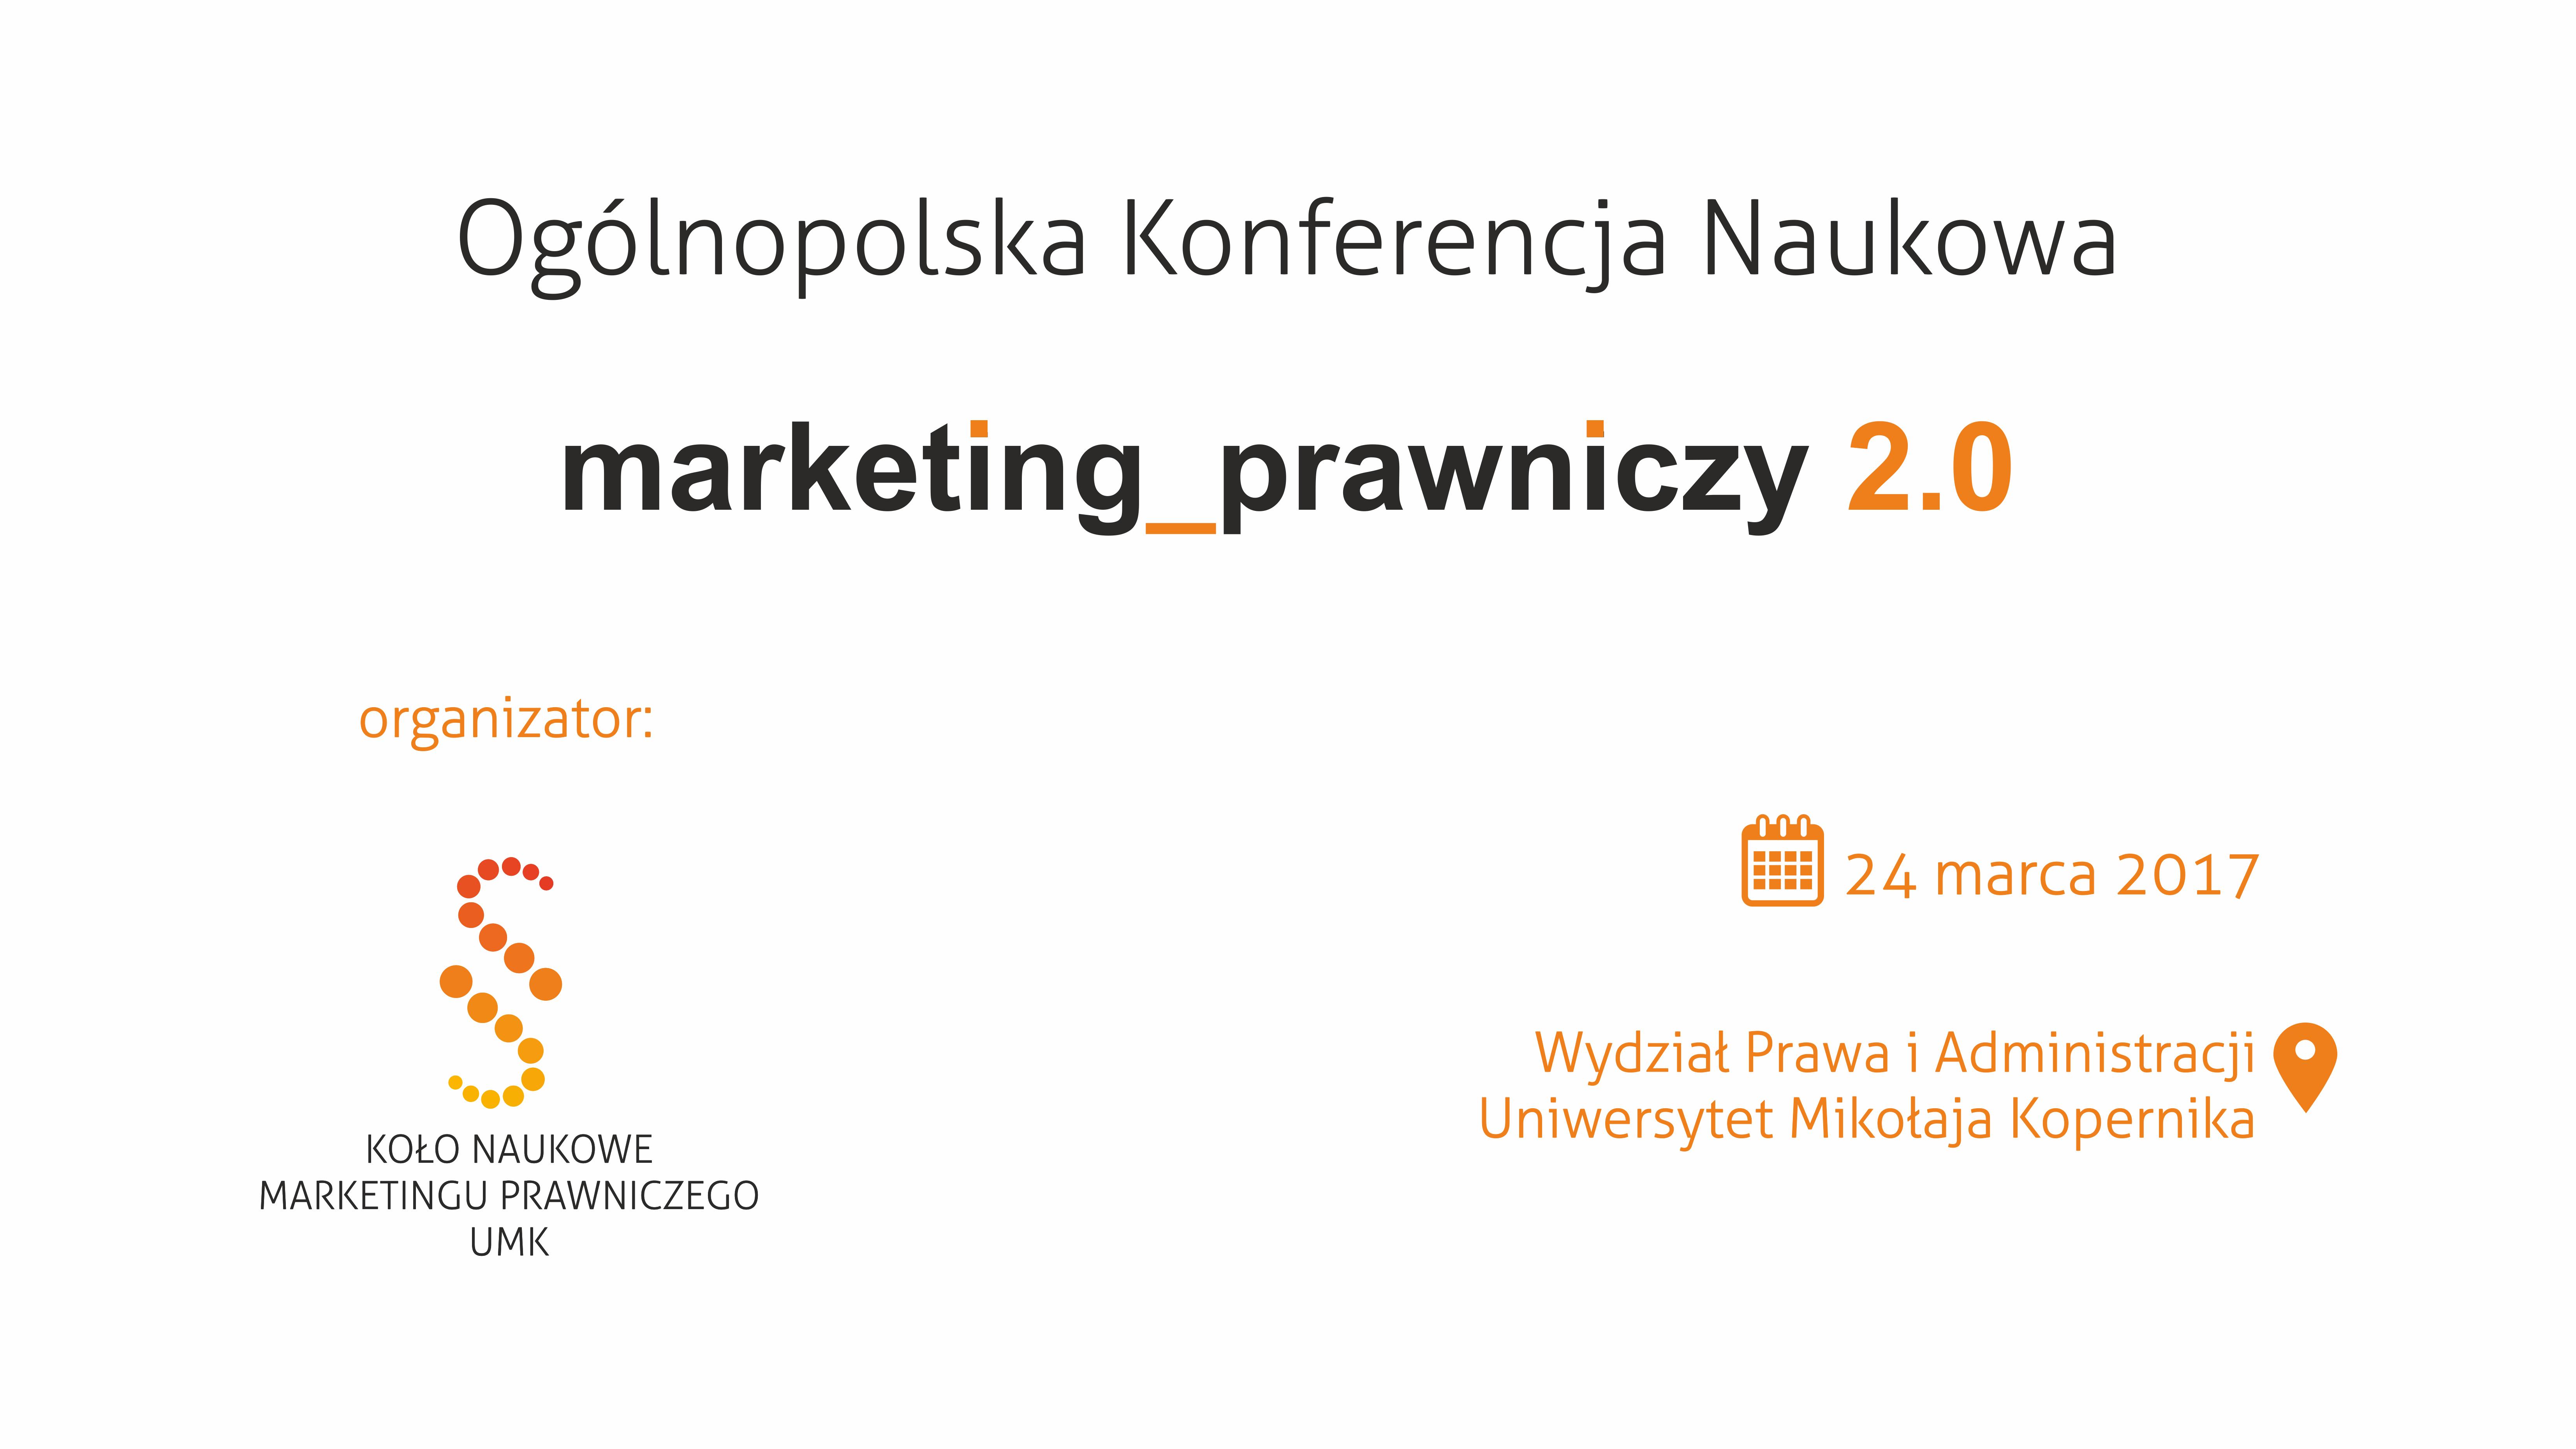 ogolnopolska-konferencja-naukowa-marketing_prawniczy 2.0-marketingprawniczyumk-banner